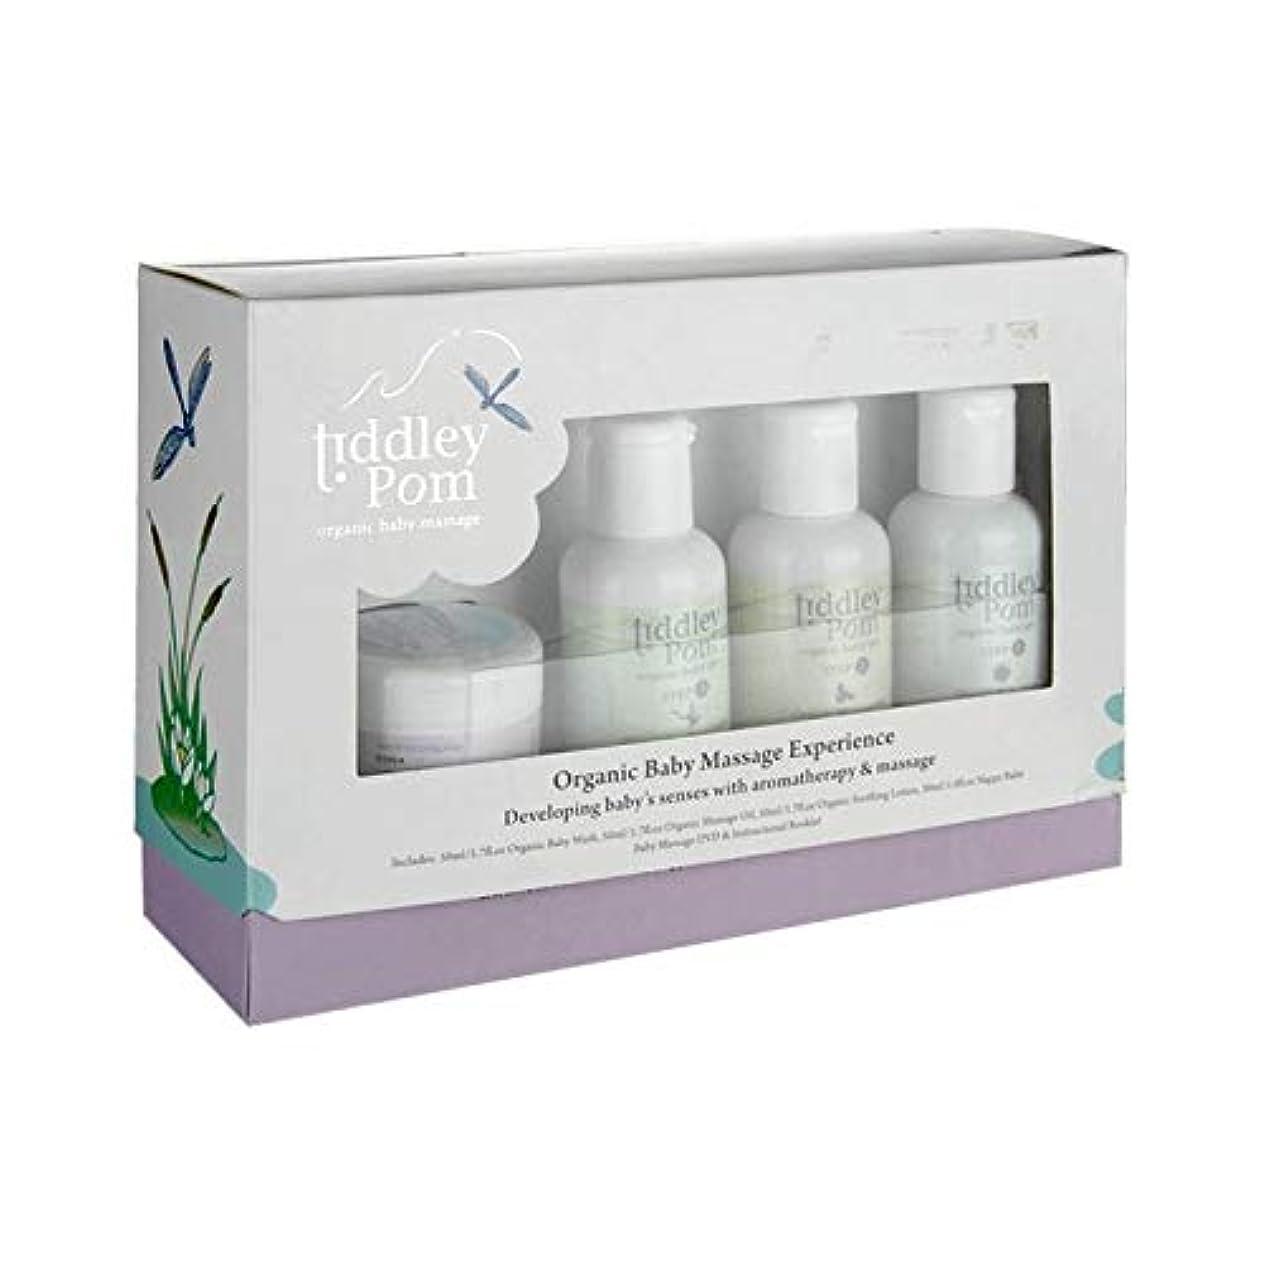 信じる円形のきつく[Tiddley Pom] Tiddleyポンポン有機ベビーマッサージのギフトセット - Tiddley Pom Organic Baby Massage Gift set [並行輸入品]